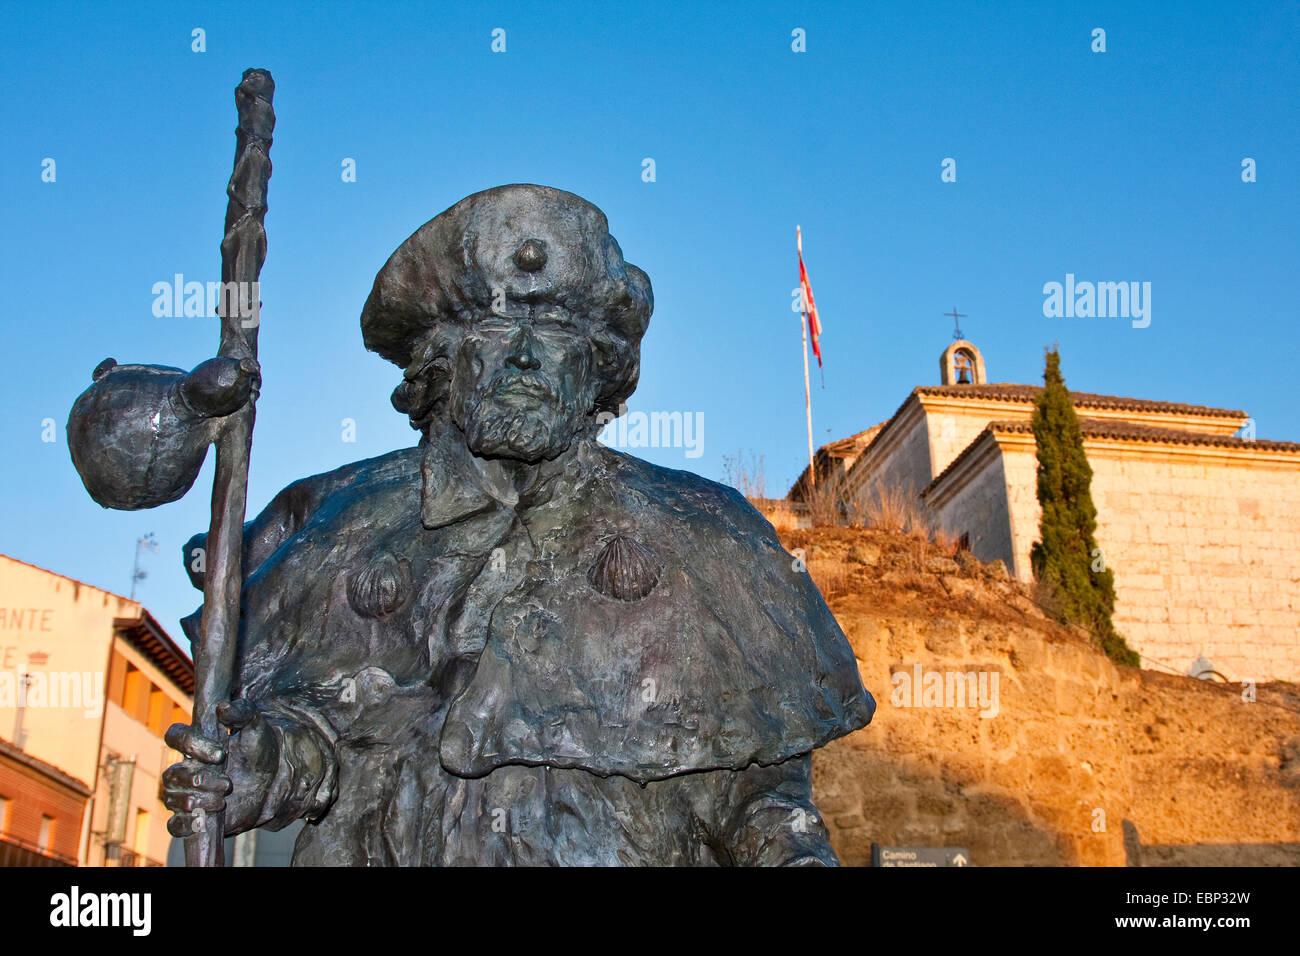 Way of St. James, bronze sculptur of a pilgrim, Spain, Castile and Leon, Palencia, Carrion de los Condes - Stock Image